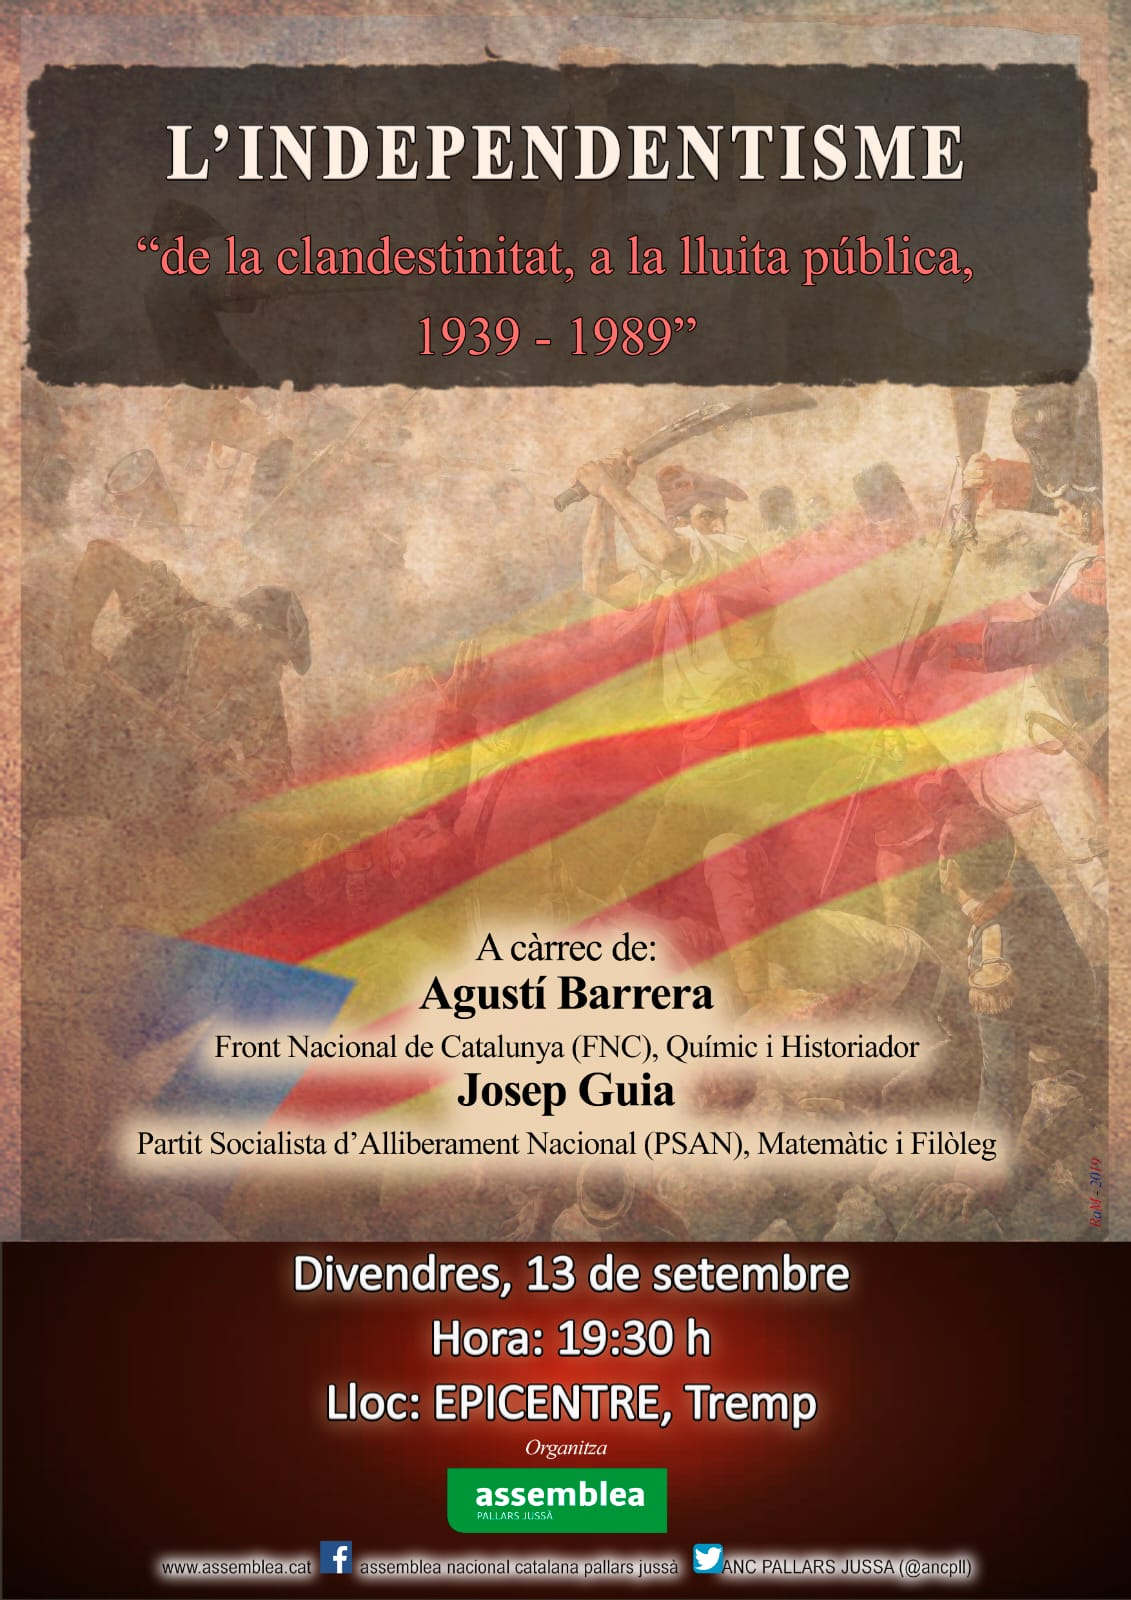 L'independentisme, de la clandestinitat a la lluita pública